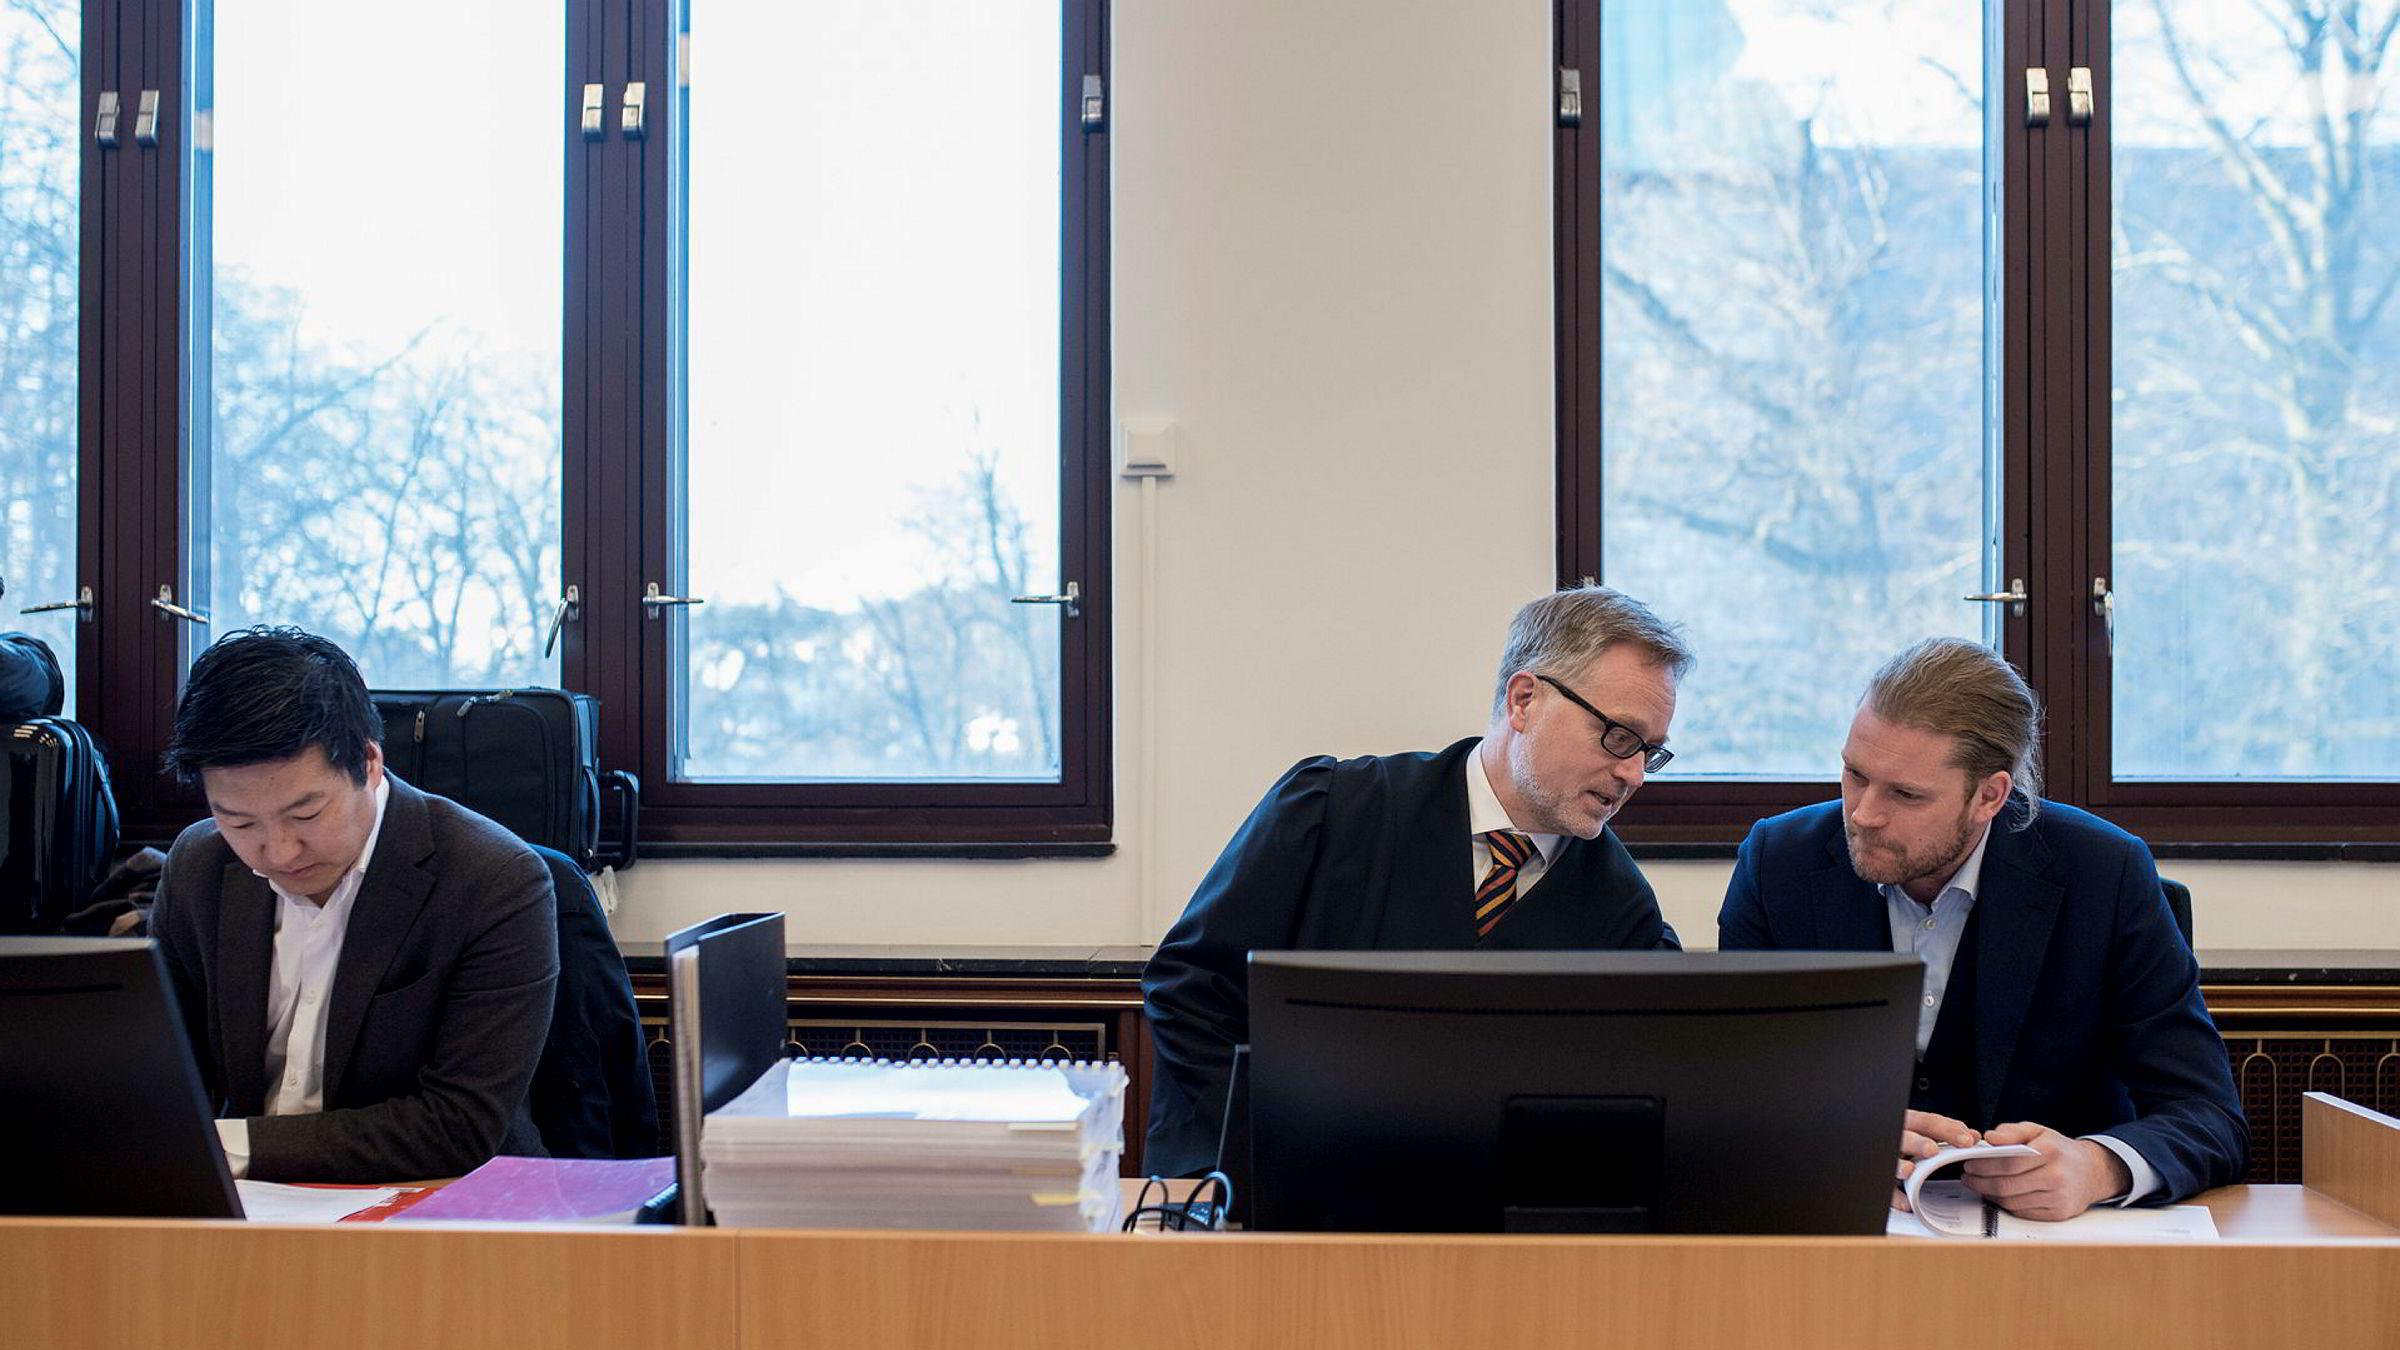 Thomas Mjeldheim, til venstre, advokat Alex Borch og Petter Smedvig Hagland, til høyre. I dag, onsdag, startet rettssaken mellom Base Property og Alfred Ydstebø som har saksøkt de tre kompanjongene Smedvig Hagland, Fjeldheim og Andersen for 130 millioner kroner. Det er satt av fire uker til saken. Foto: Tommy Ellingsen